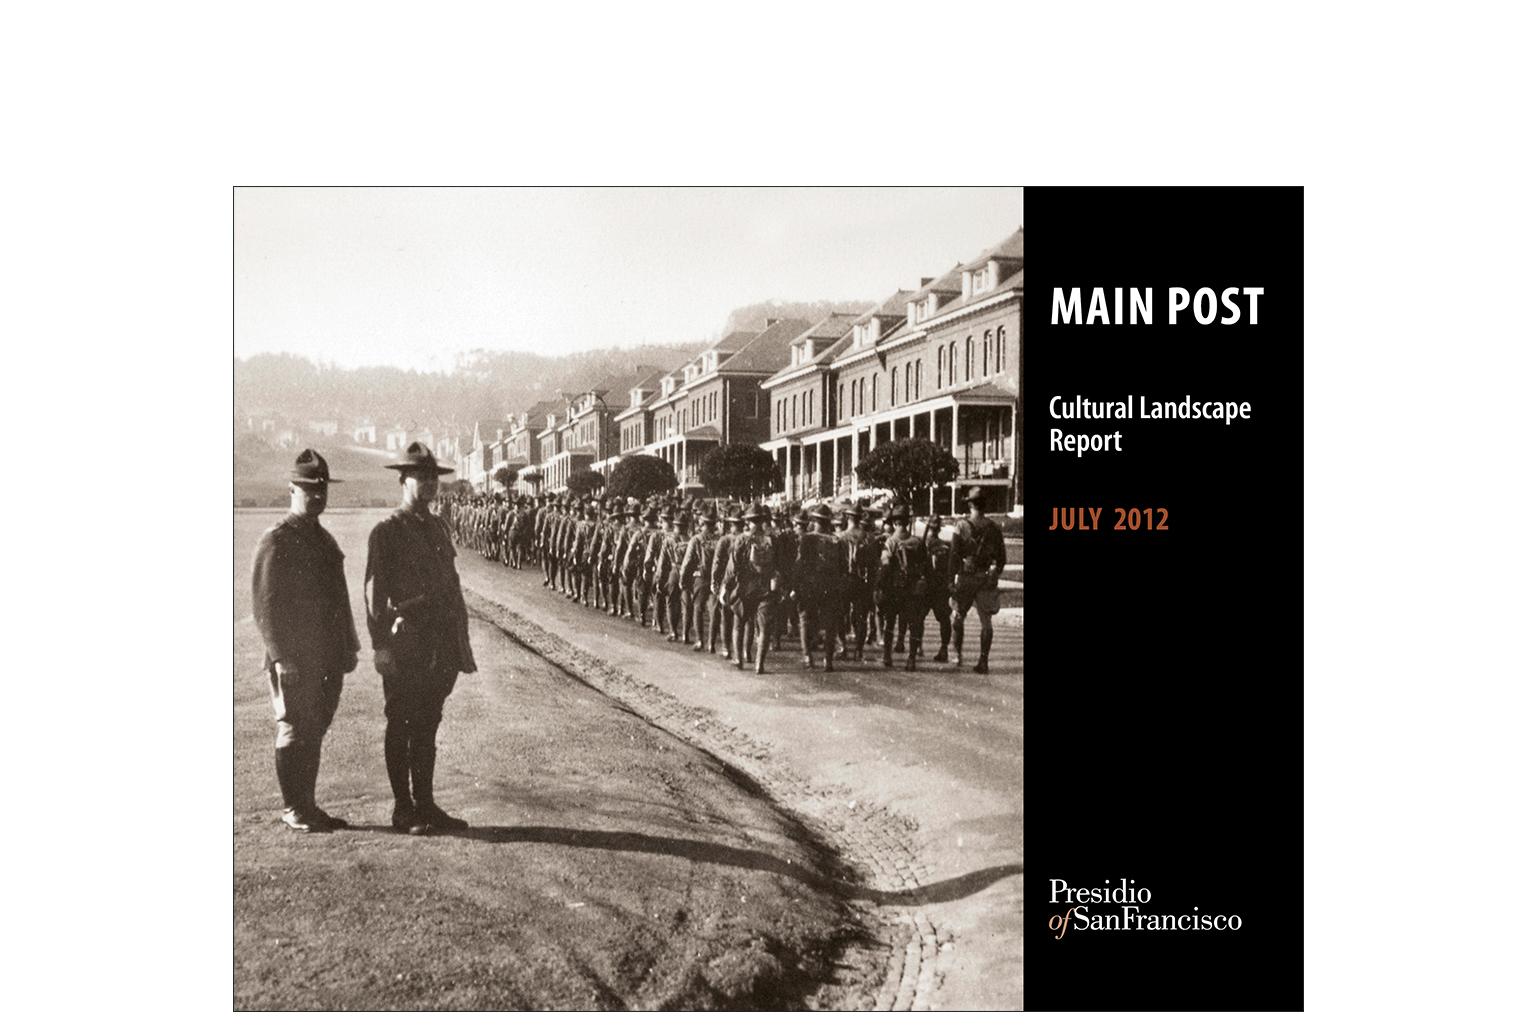 Presidio Main Post Cultural Landscape Report